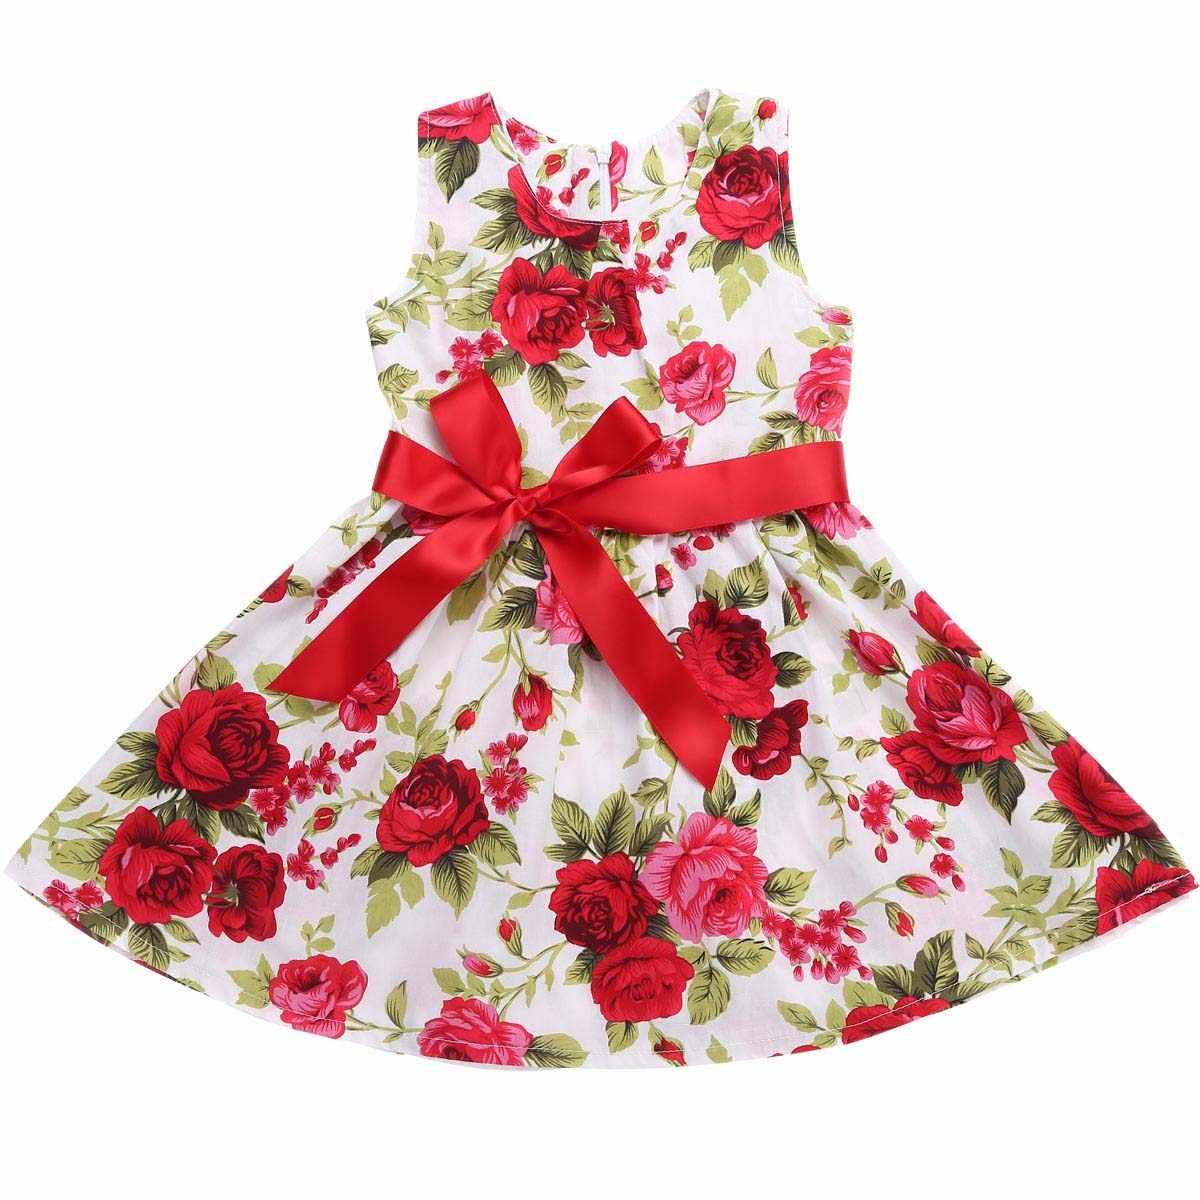 Детские Платья с цветочным рисунком для маленьких девочек; свадебное платье принцессы для девочек 1 год; платье для дня рождения; Хлопок; лето 2017; vestido infantil